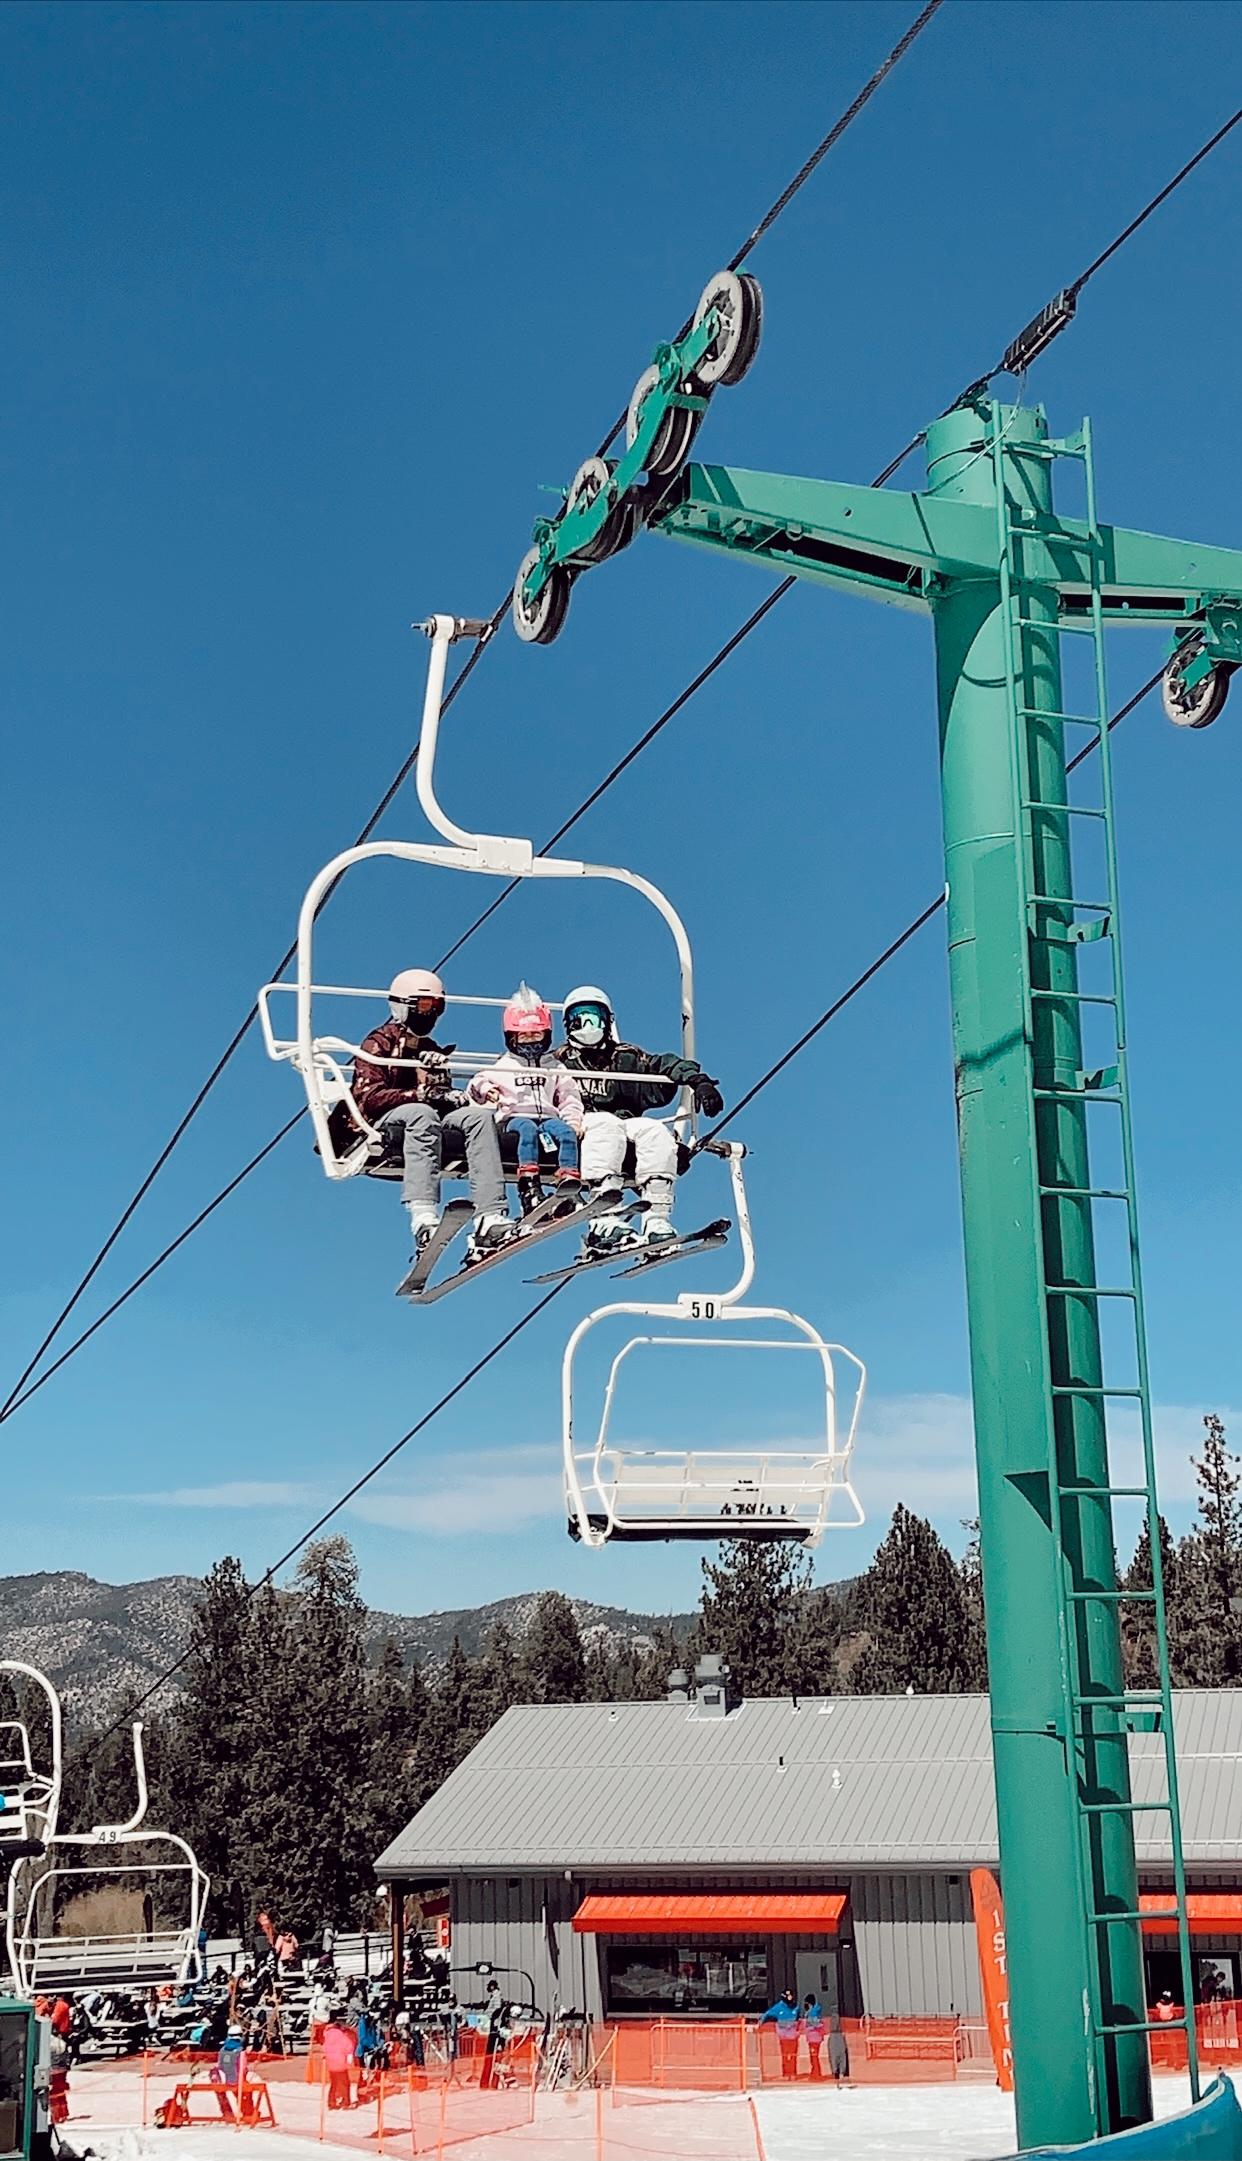 kids on ski lift